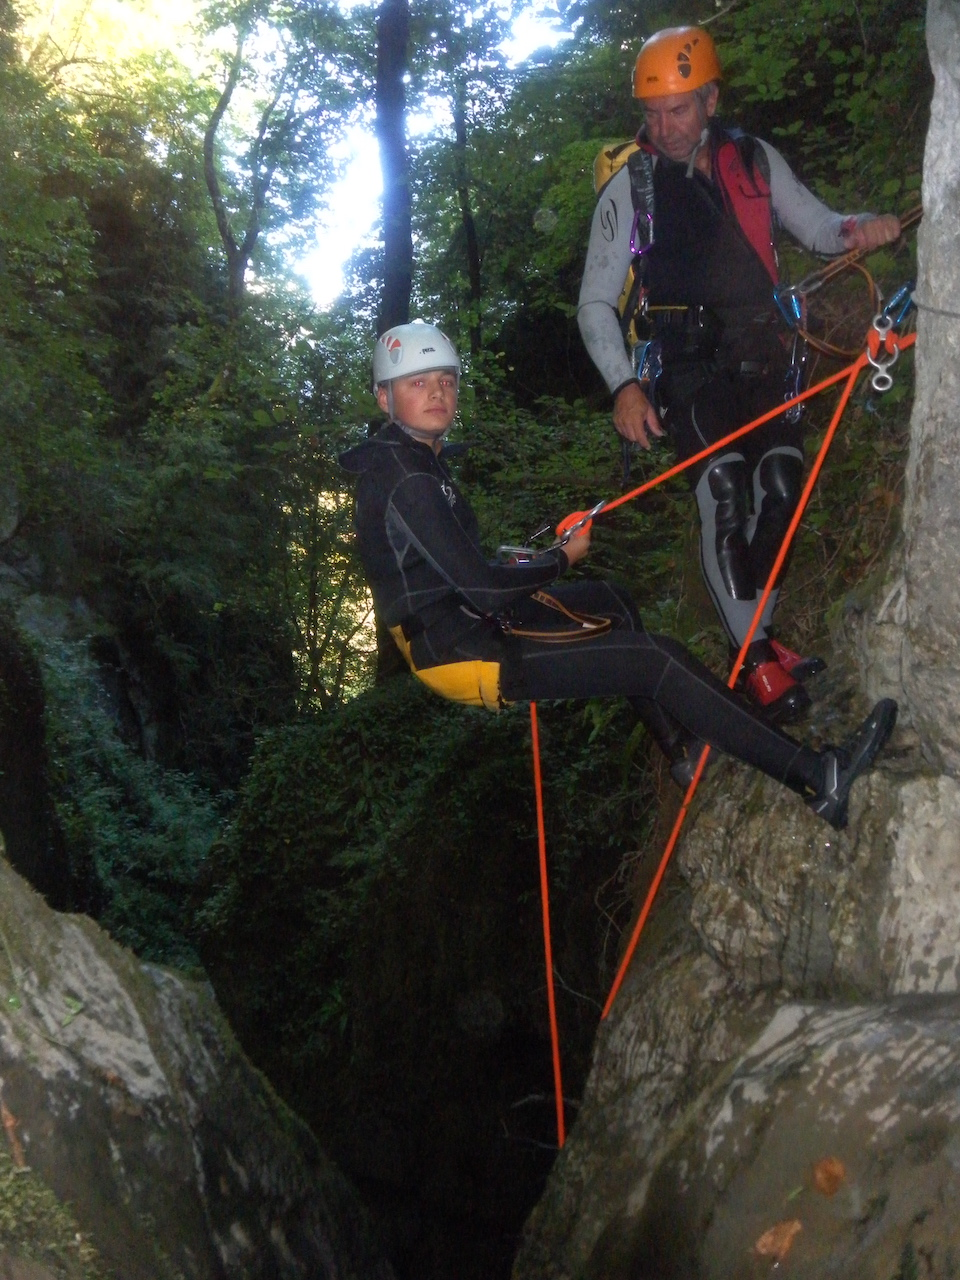 Le canyoning se pratique à partir de 8 ans.